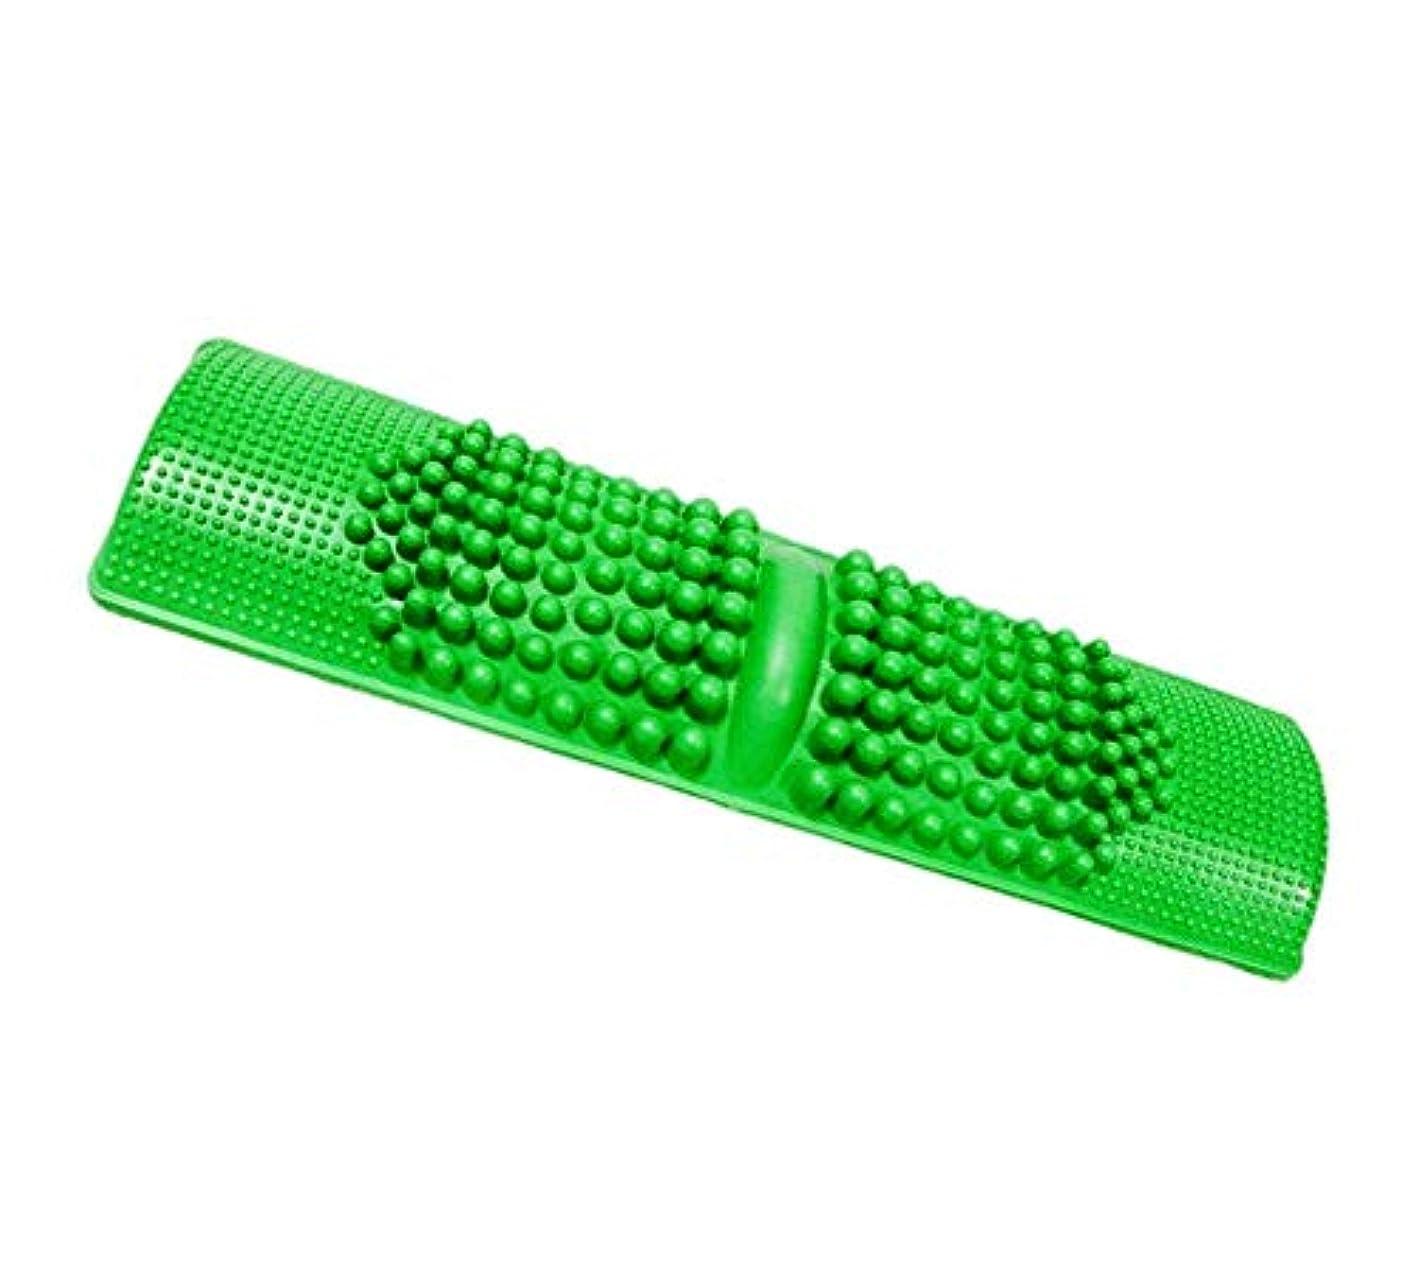 ジョグ草ポスターDamine 簡単に健康維持 足つぼマッサージ BIGサイズ 足 踏み 足裏 刺激 血行促進 (グリーン)